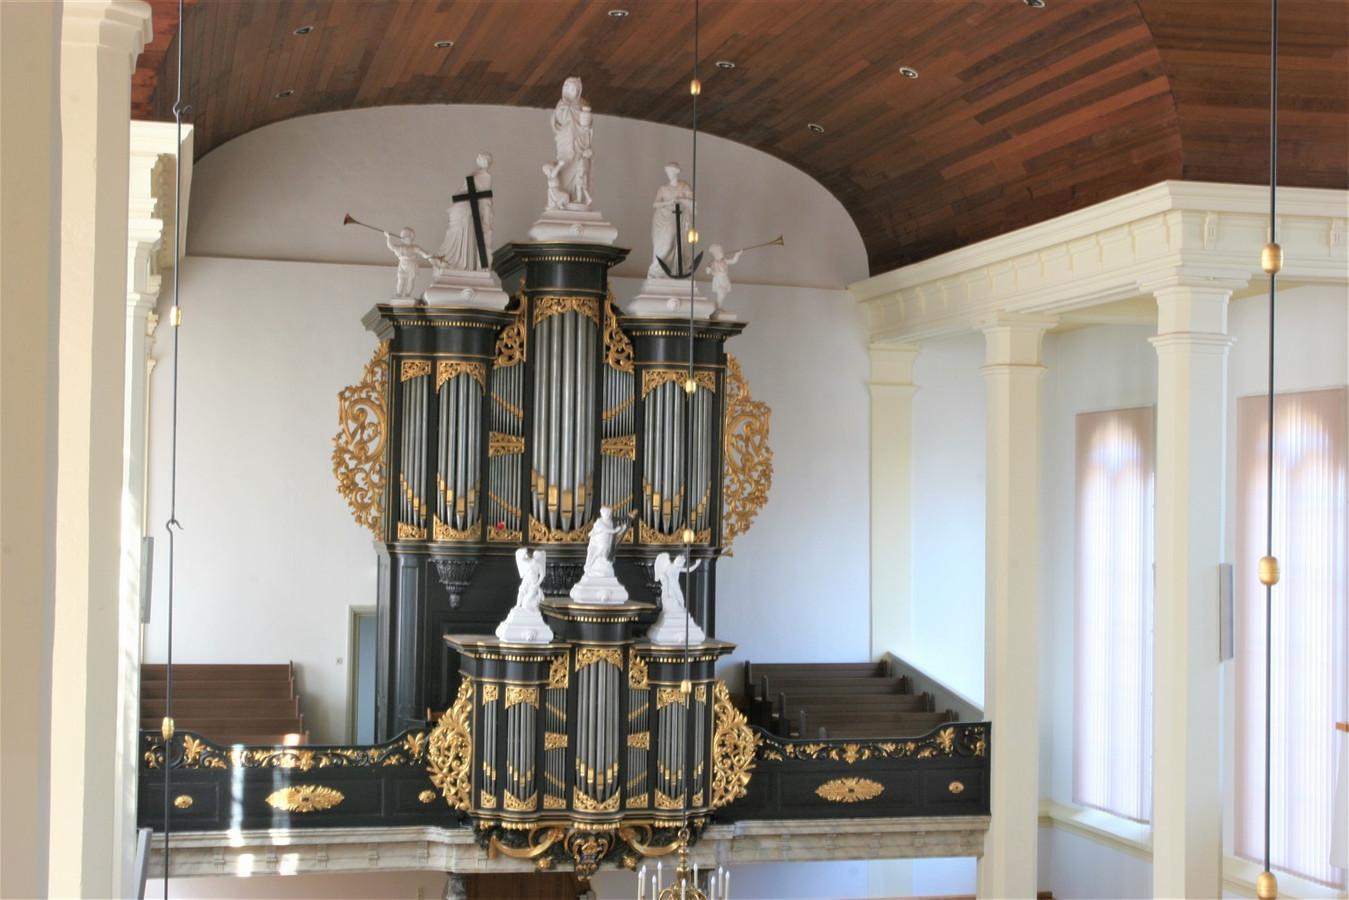 Het Zwier van Dijk-orgel in de St. Nicolaaskerk